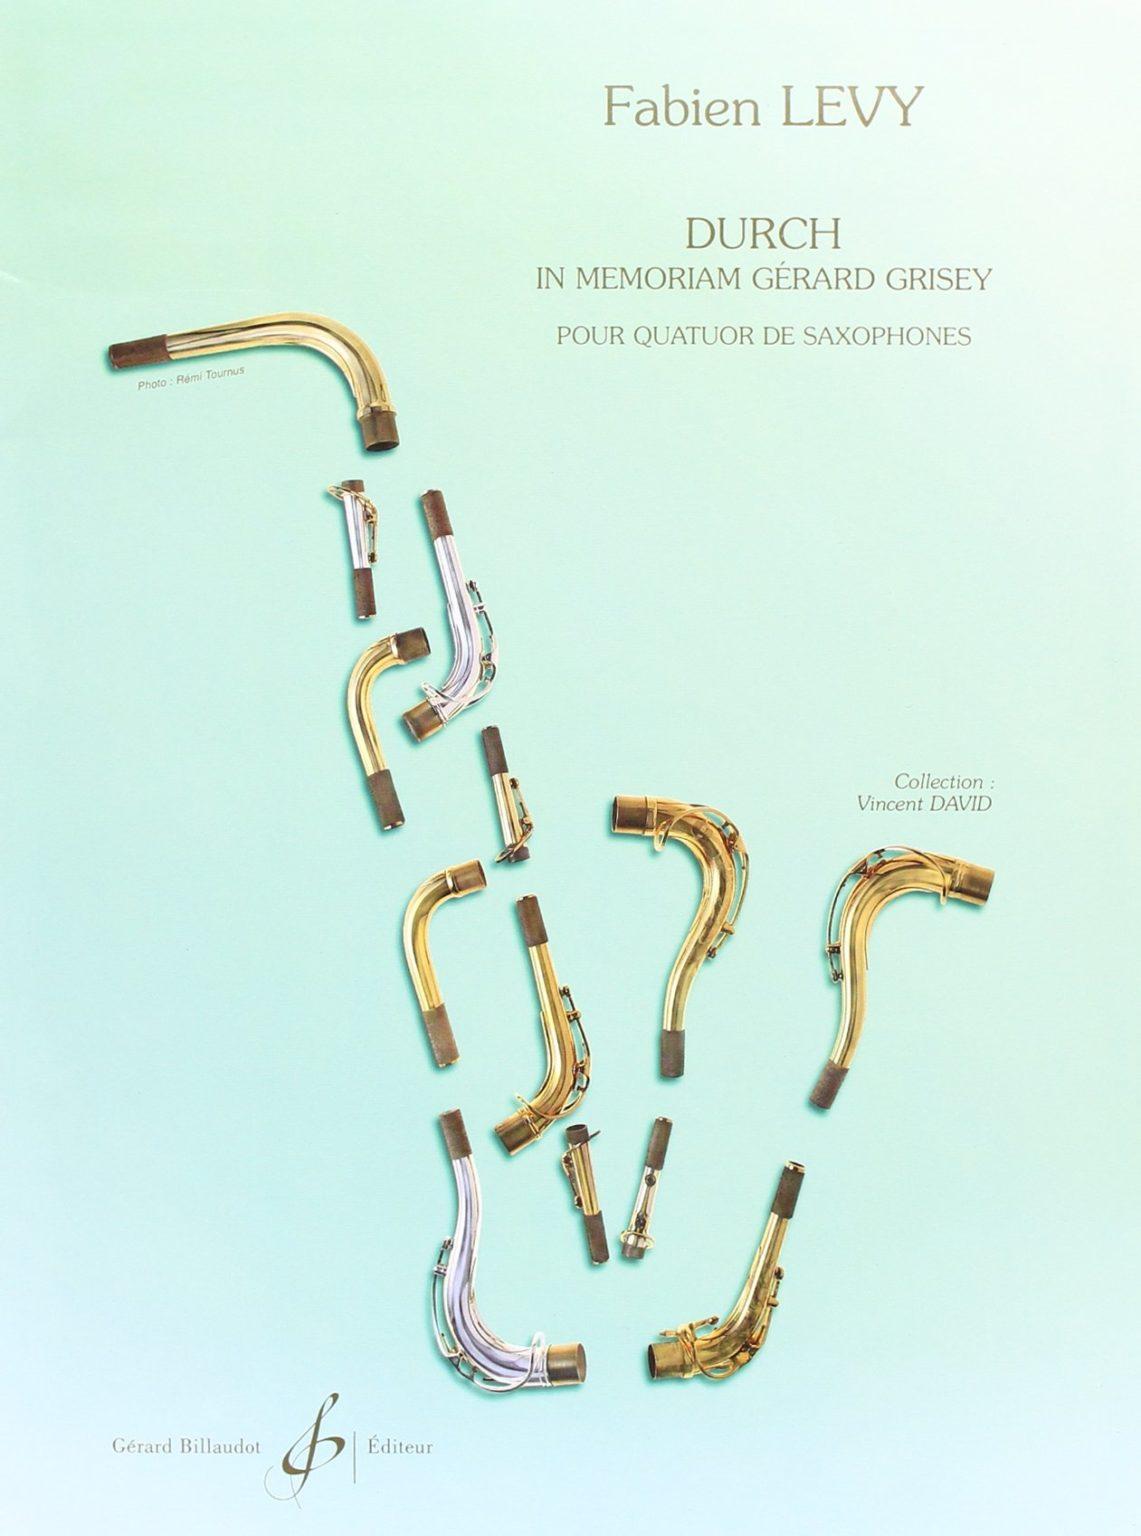 DURCH(2001)para saxofón. Fabien Levy